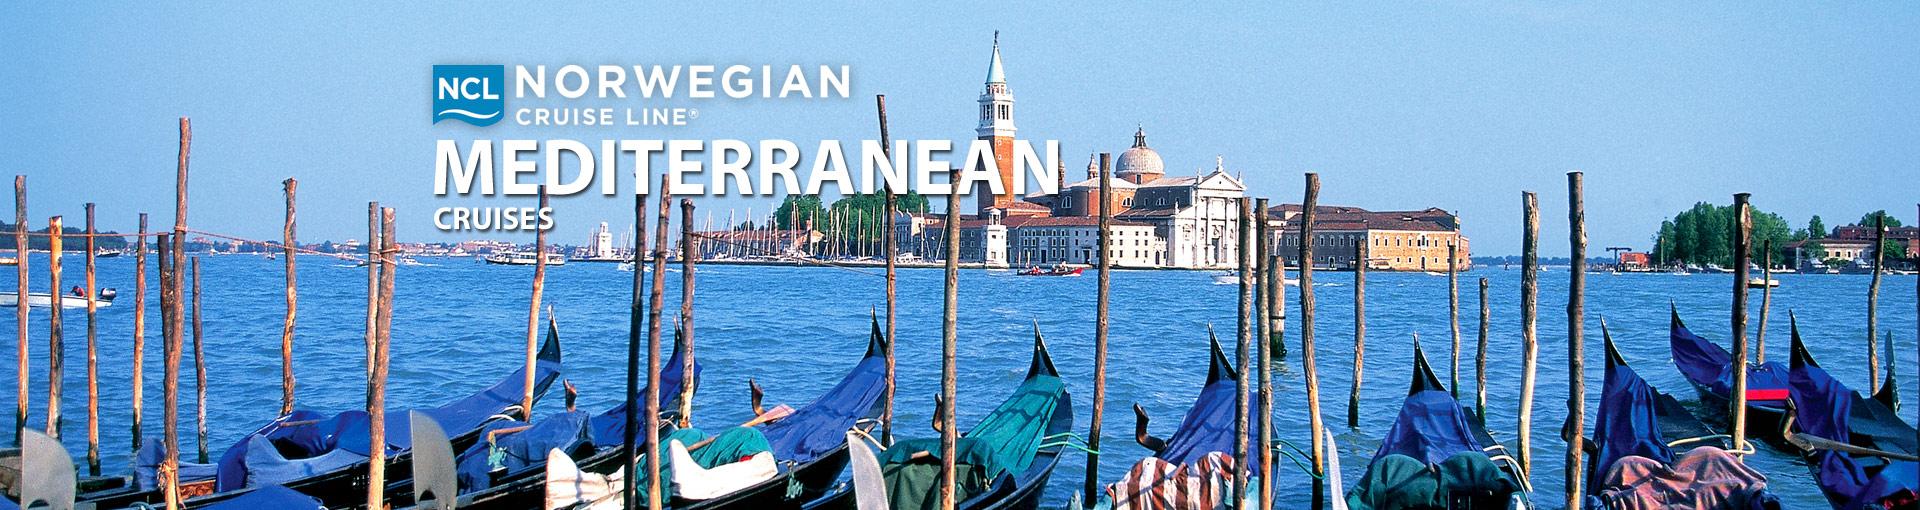 Norwegian Cruise Line Mediterranean Cruises